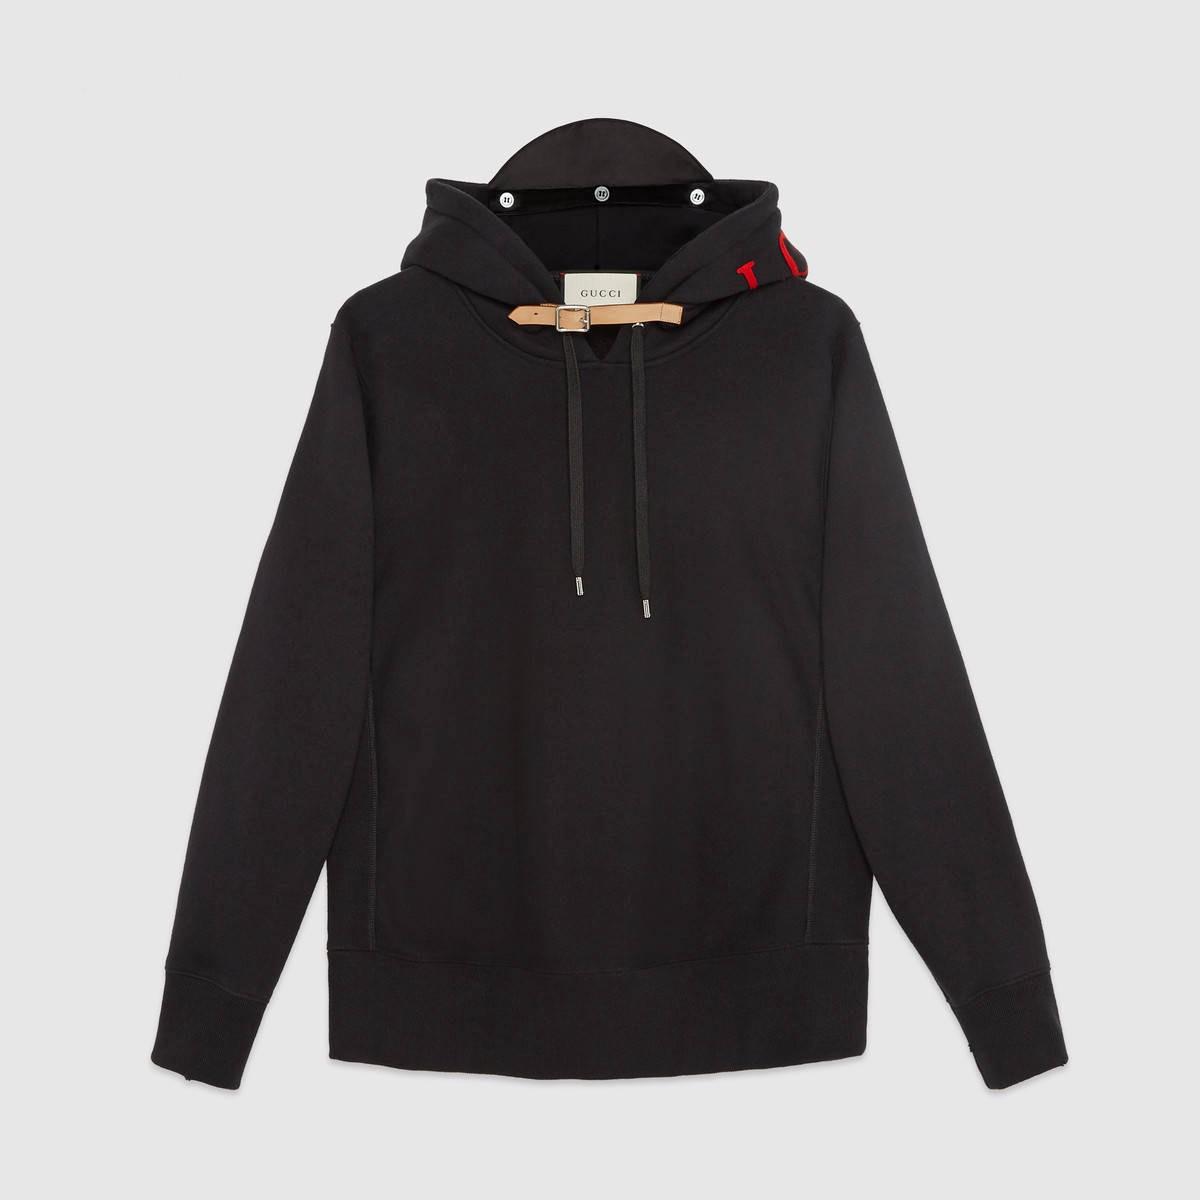 GUCCI Cotton Sweatshirt With Appliqués - Black Cotton